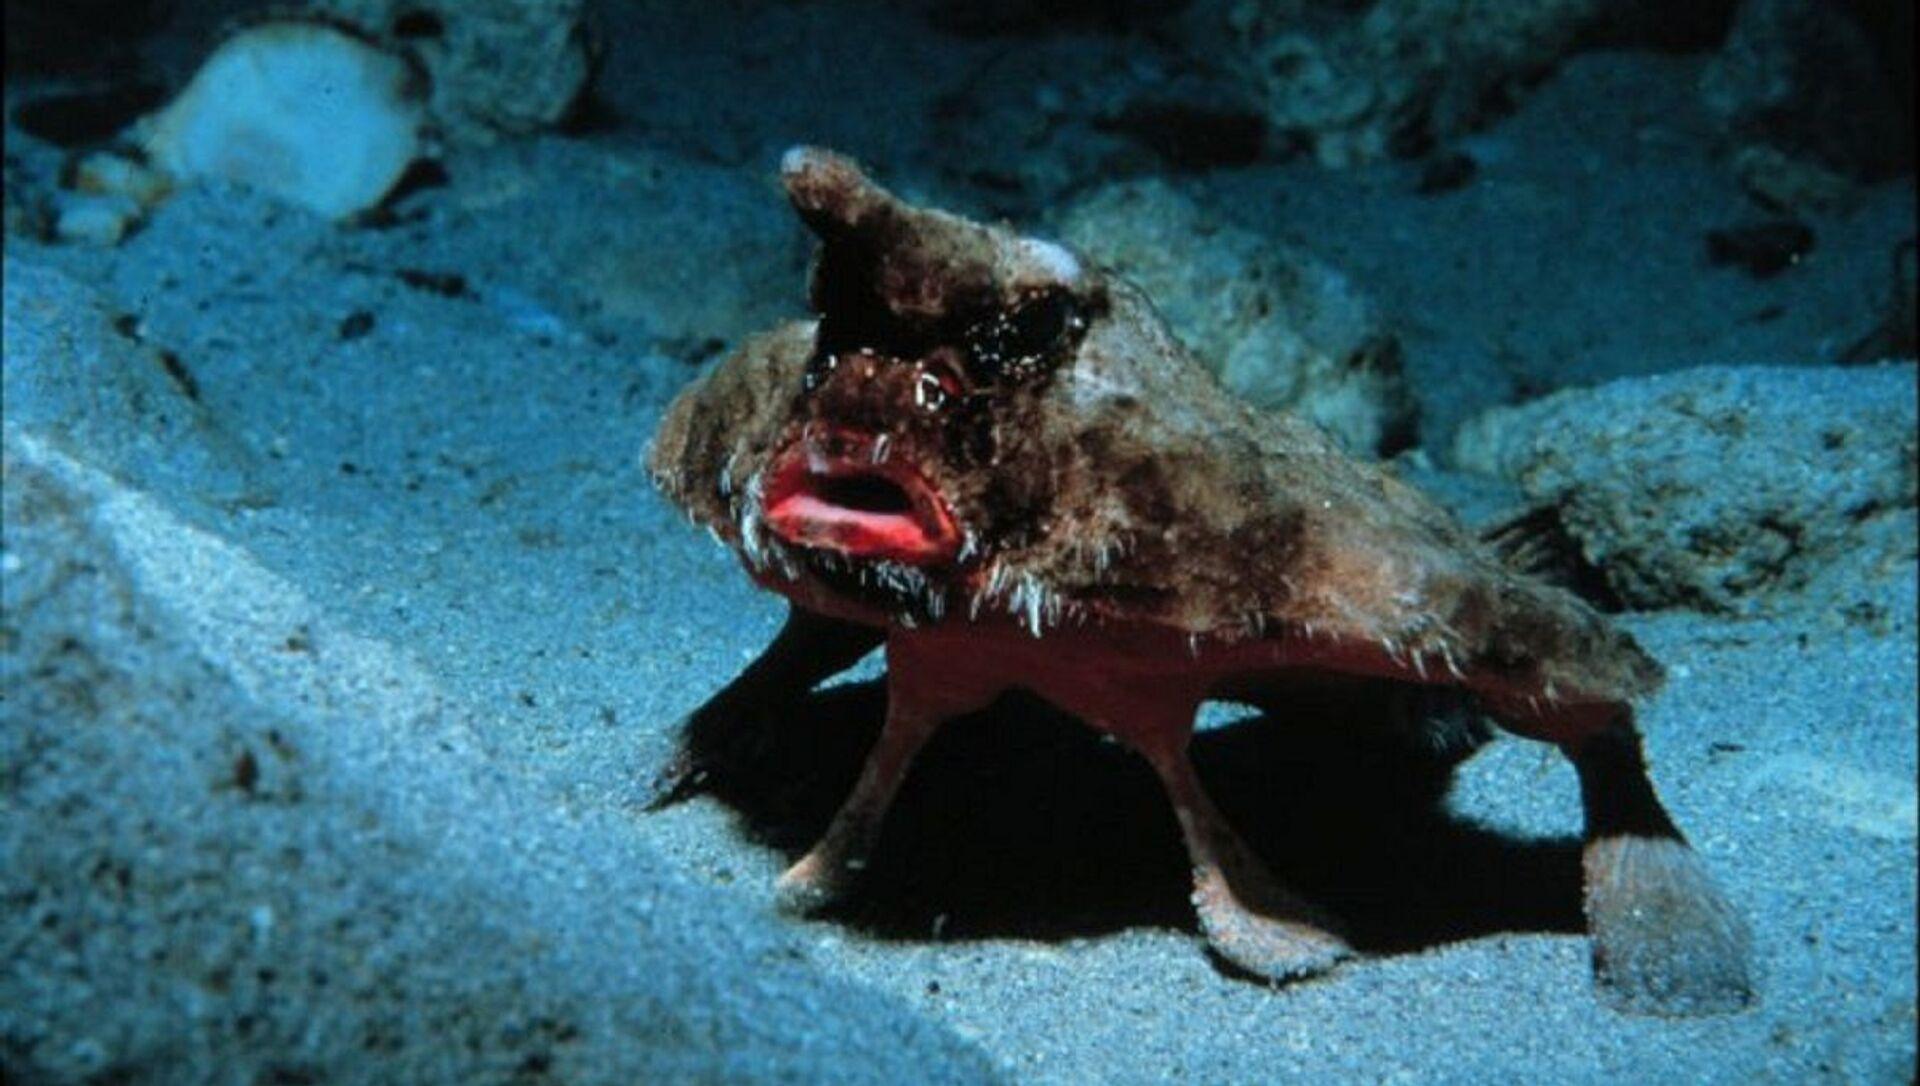 Un pez murciélago - Sputnik Mundo, 1920, 13.11.2020